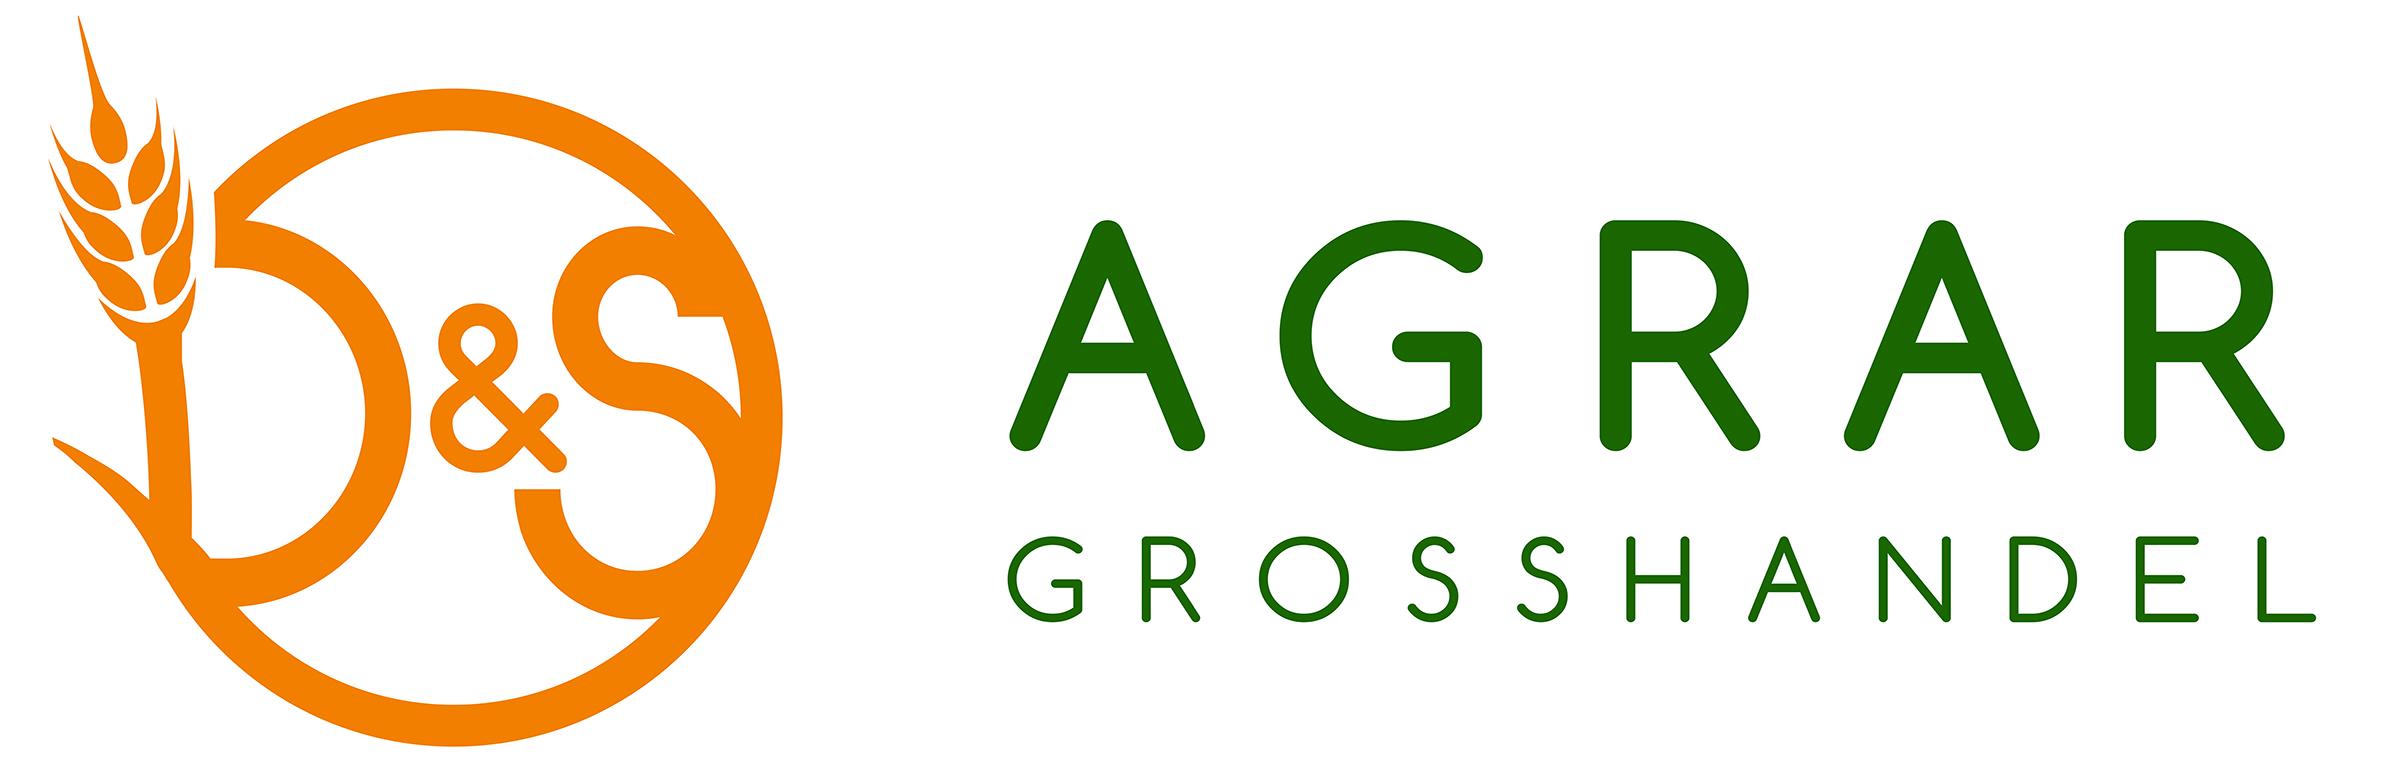 Logo: D&S Agrar - Handel GmbH